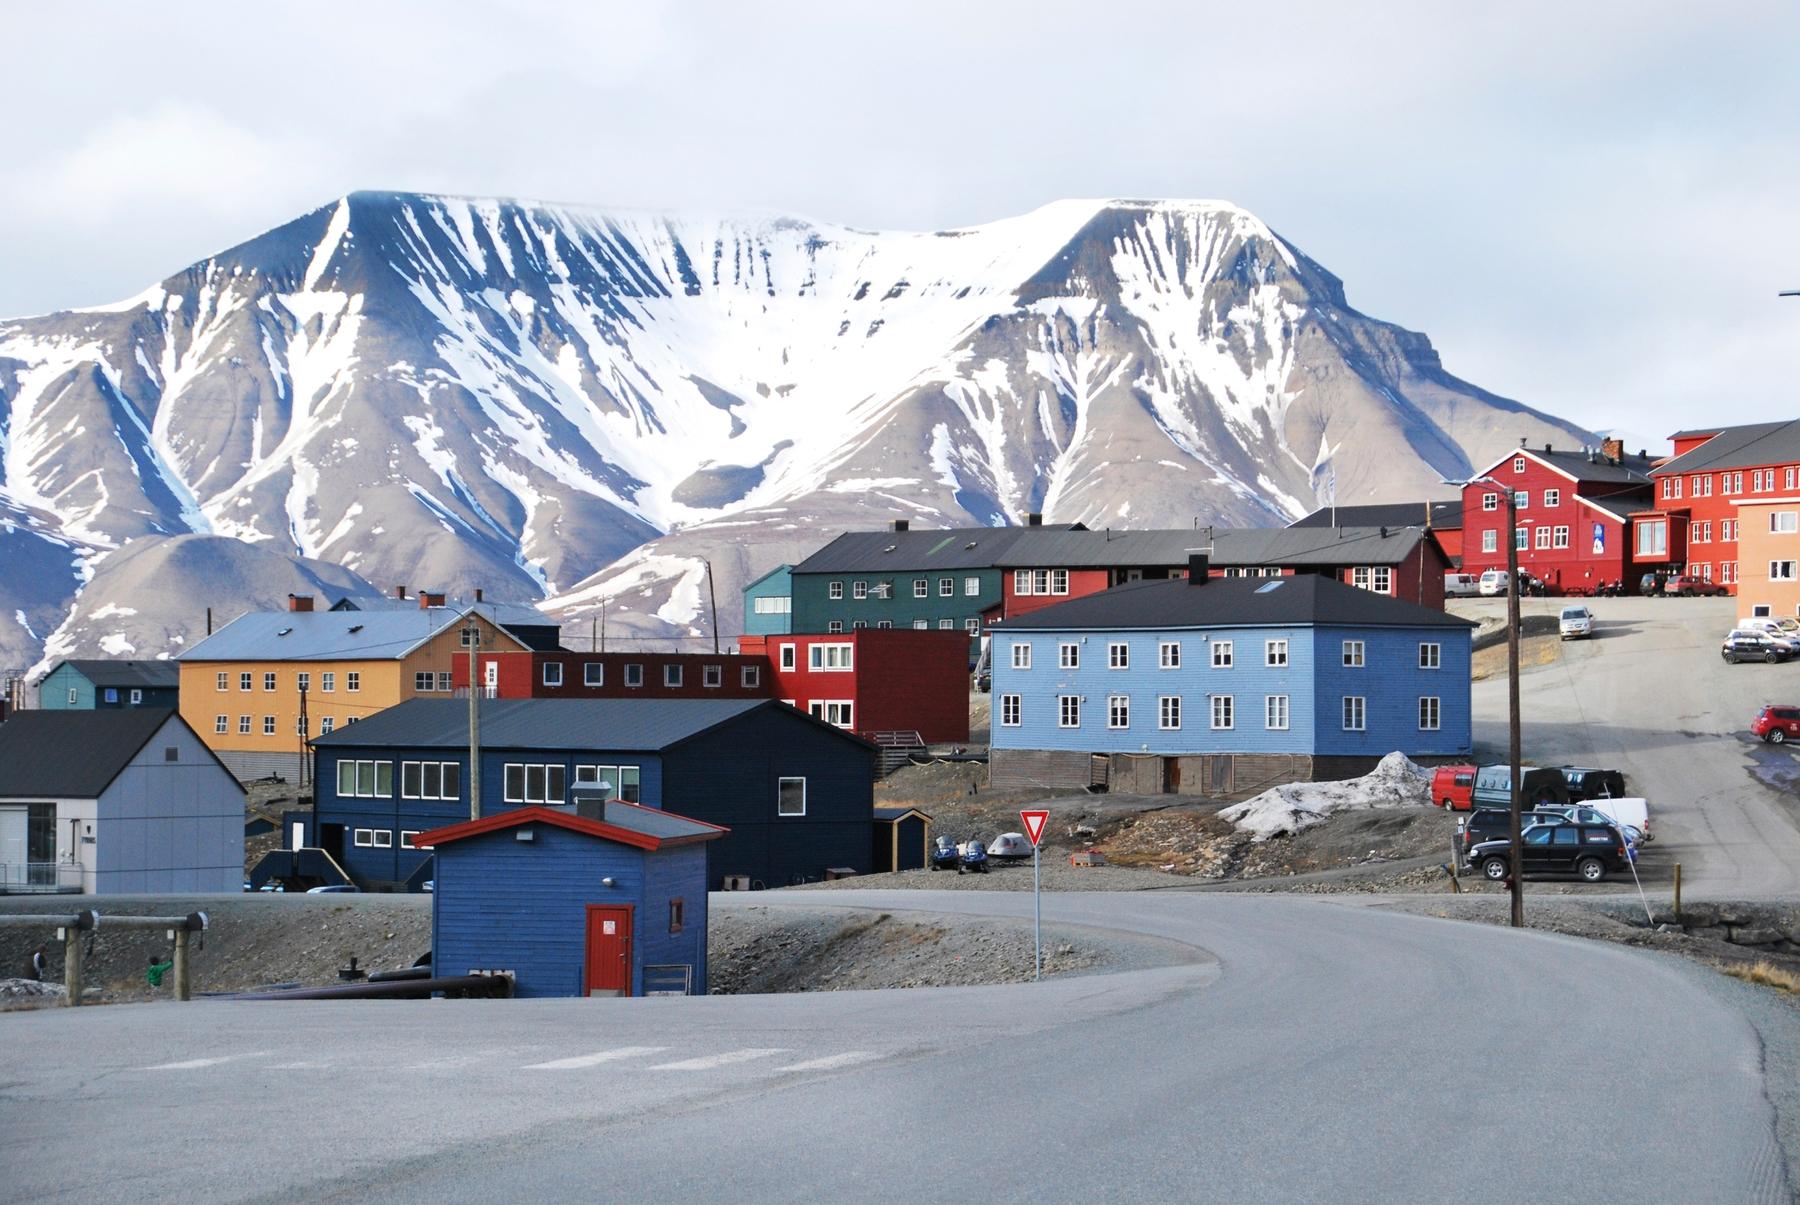 Лонгйир, удаленный город на Шпицбергене в Норвегии